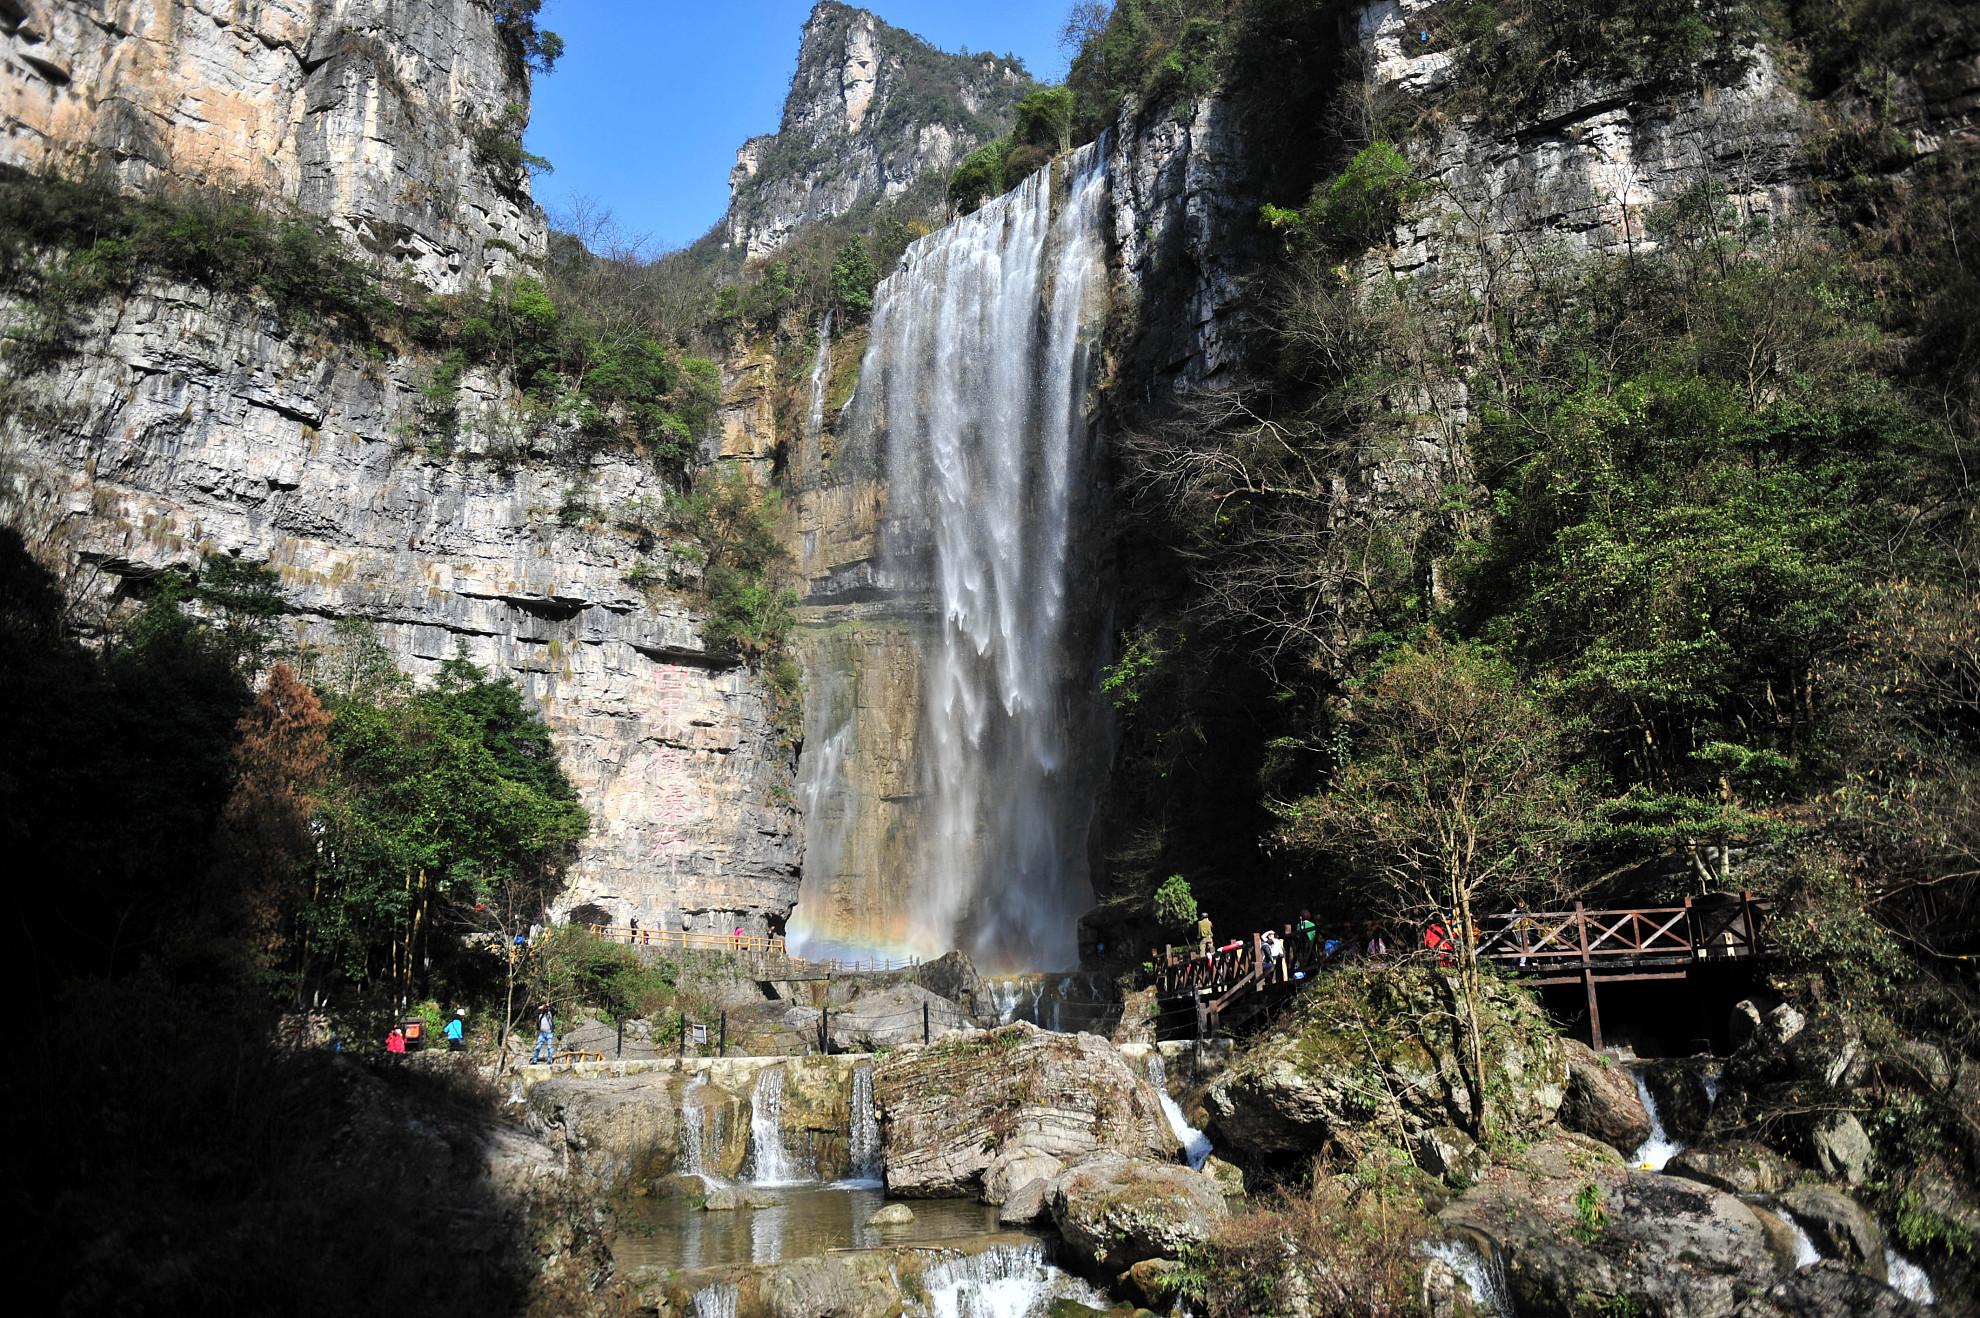 三峡大瀑布1日跟团游穿越名瀑,感受别样的是踏春之旅。